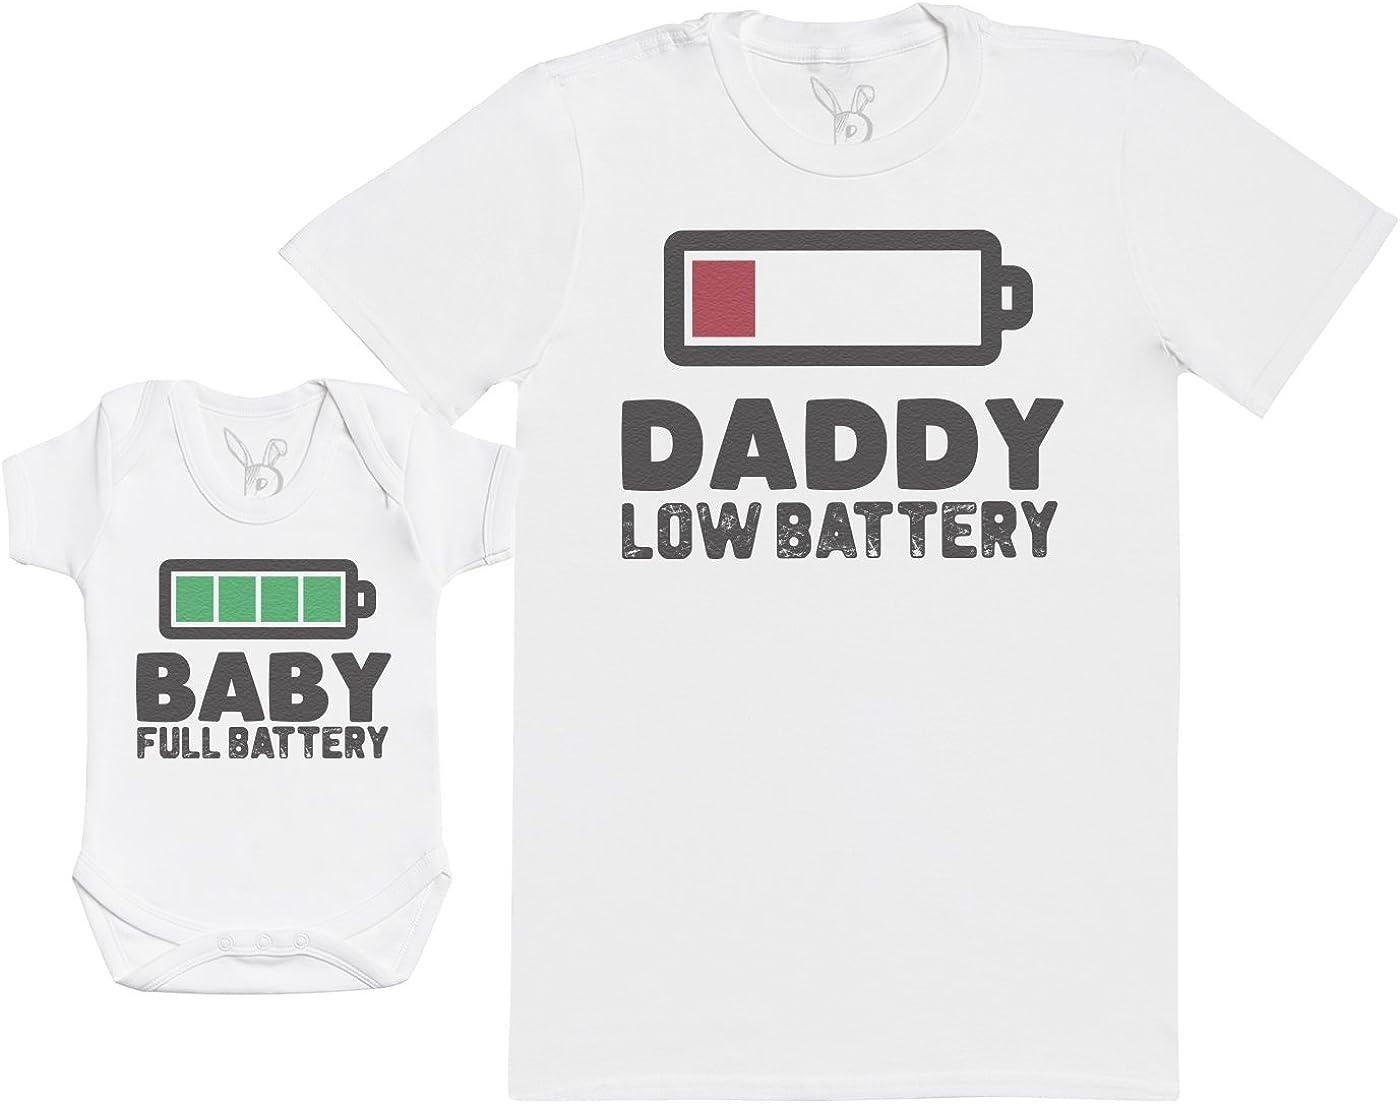 Baby Full Battery - Regalo para Padres y bebés en un Cuerpo para bebés y una Camiseta de Hombre a Juego